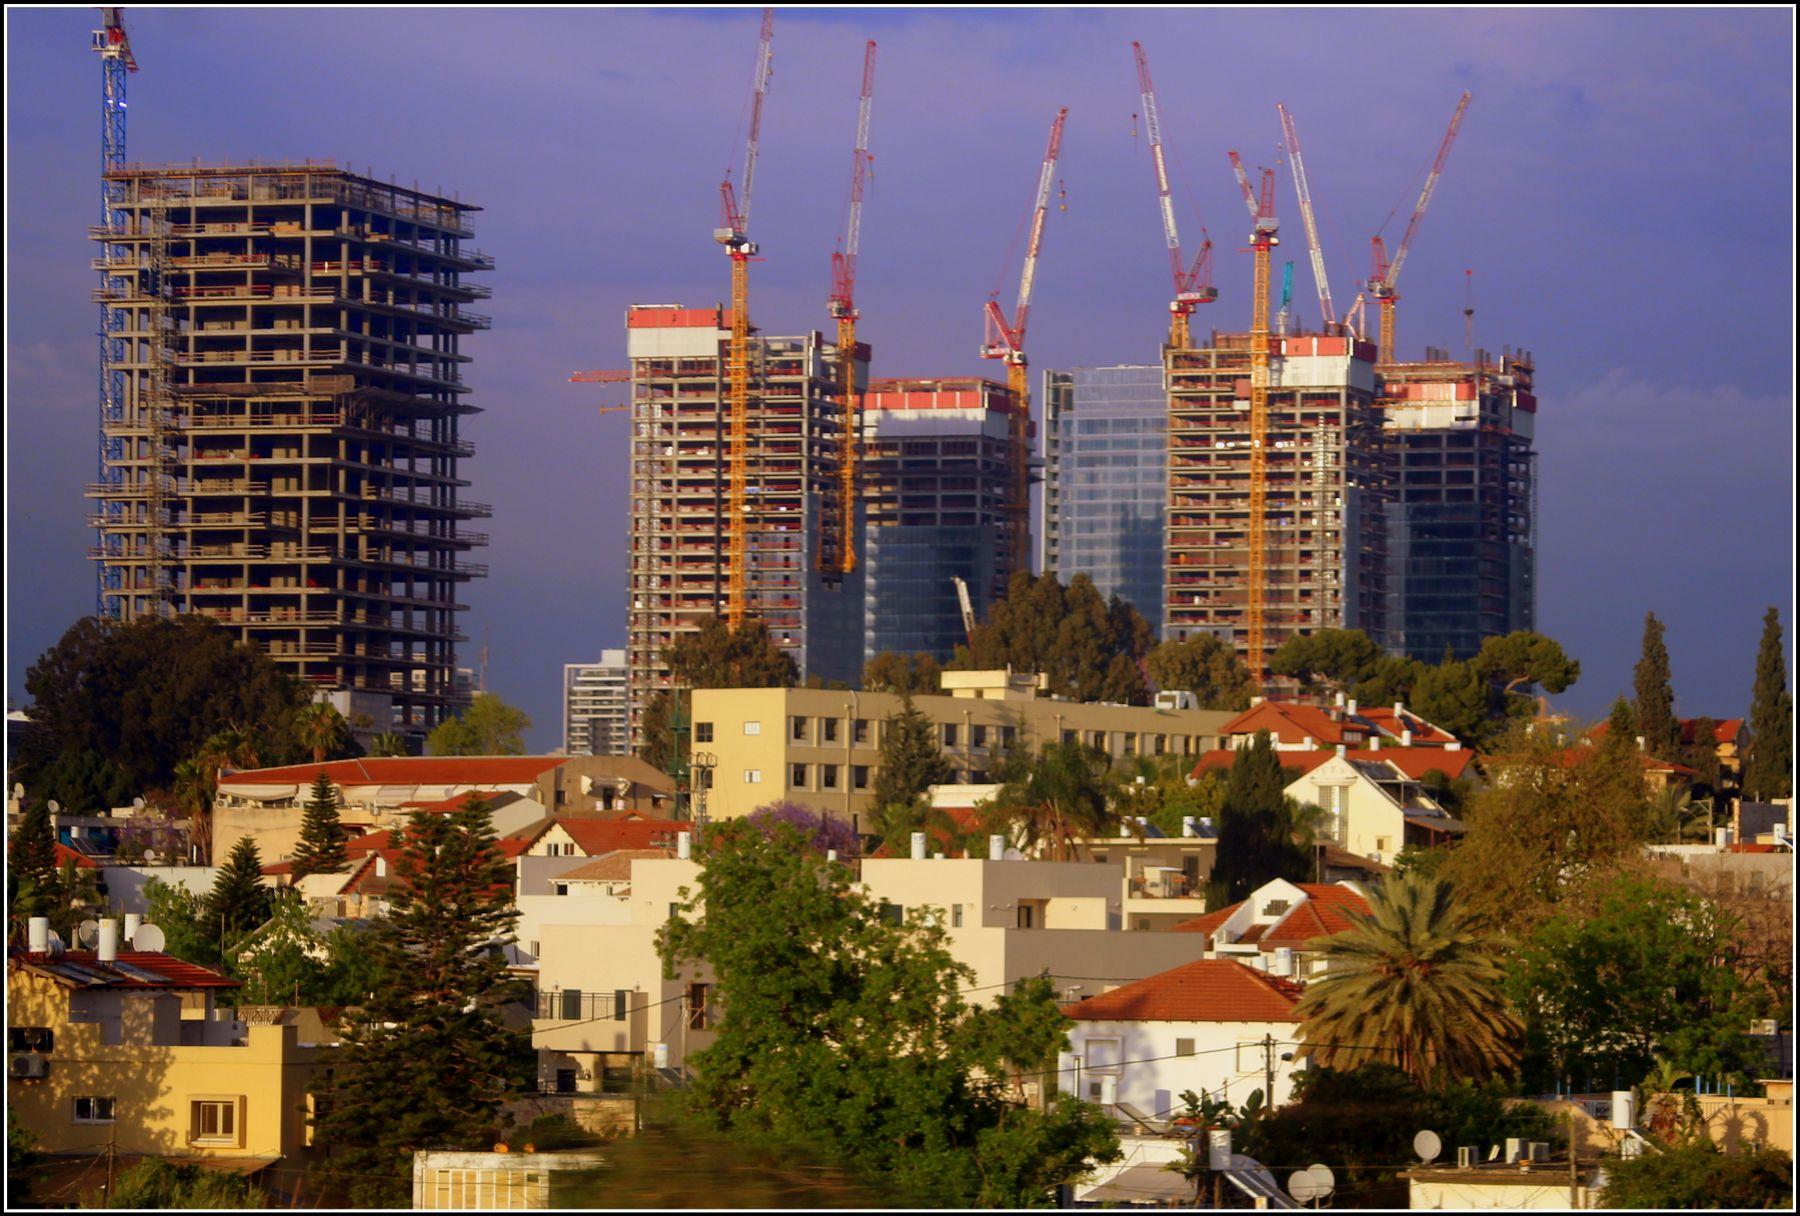 Особенности современного развития. город пета-хтиква израиль